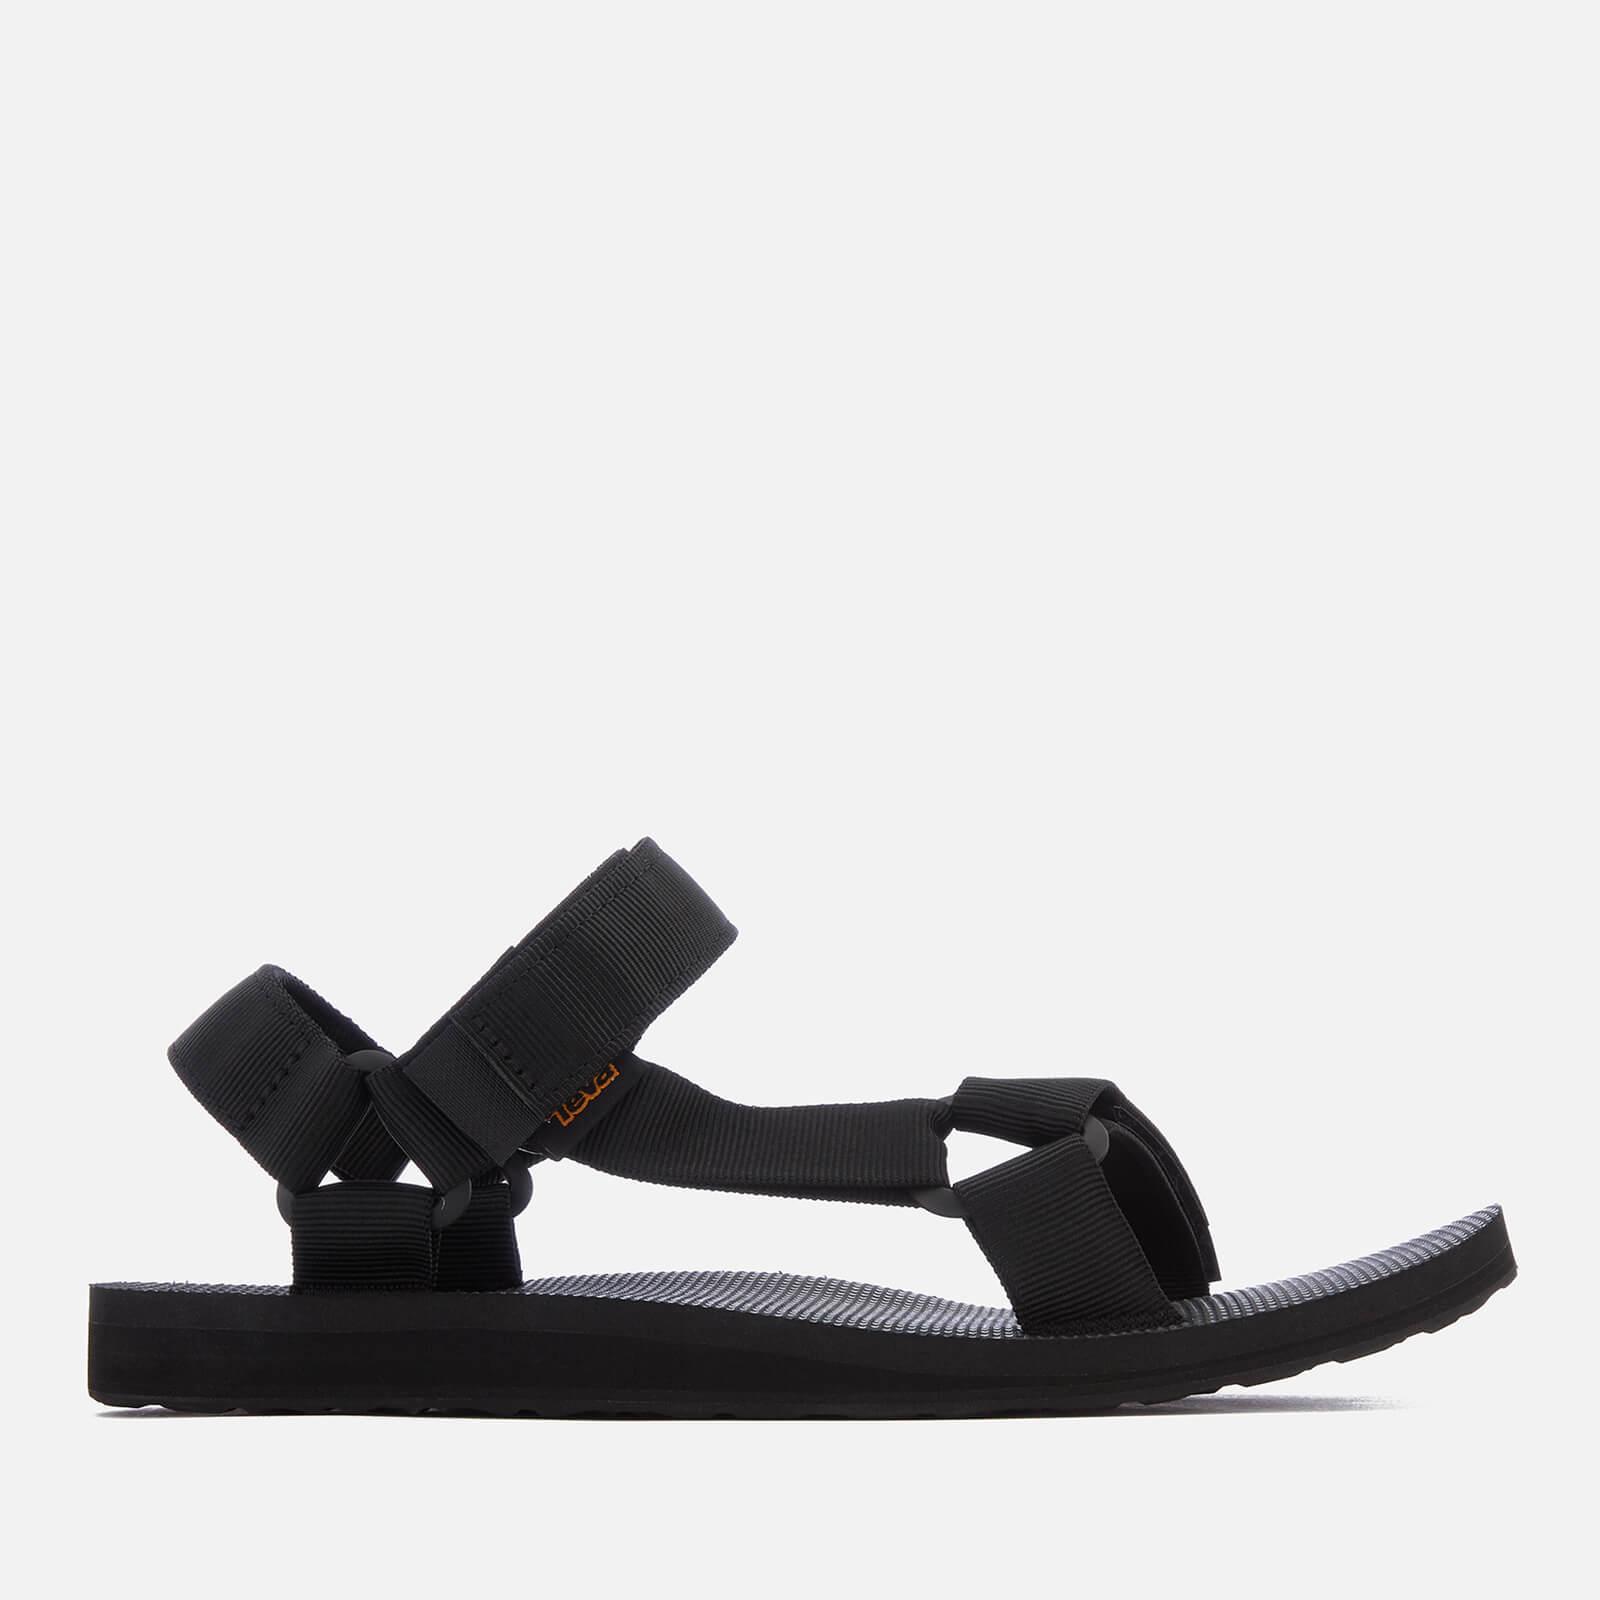 Teva Men's Original Universal Urban Sport Sandals - Black - UK 8